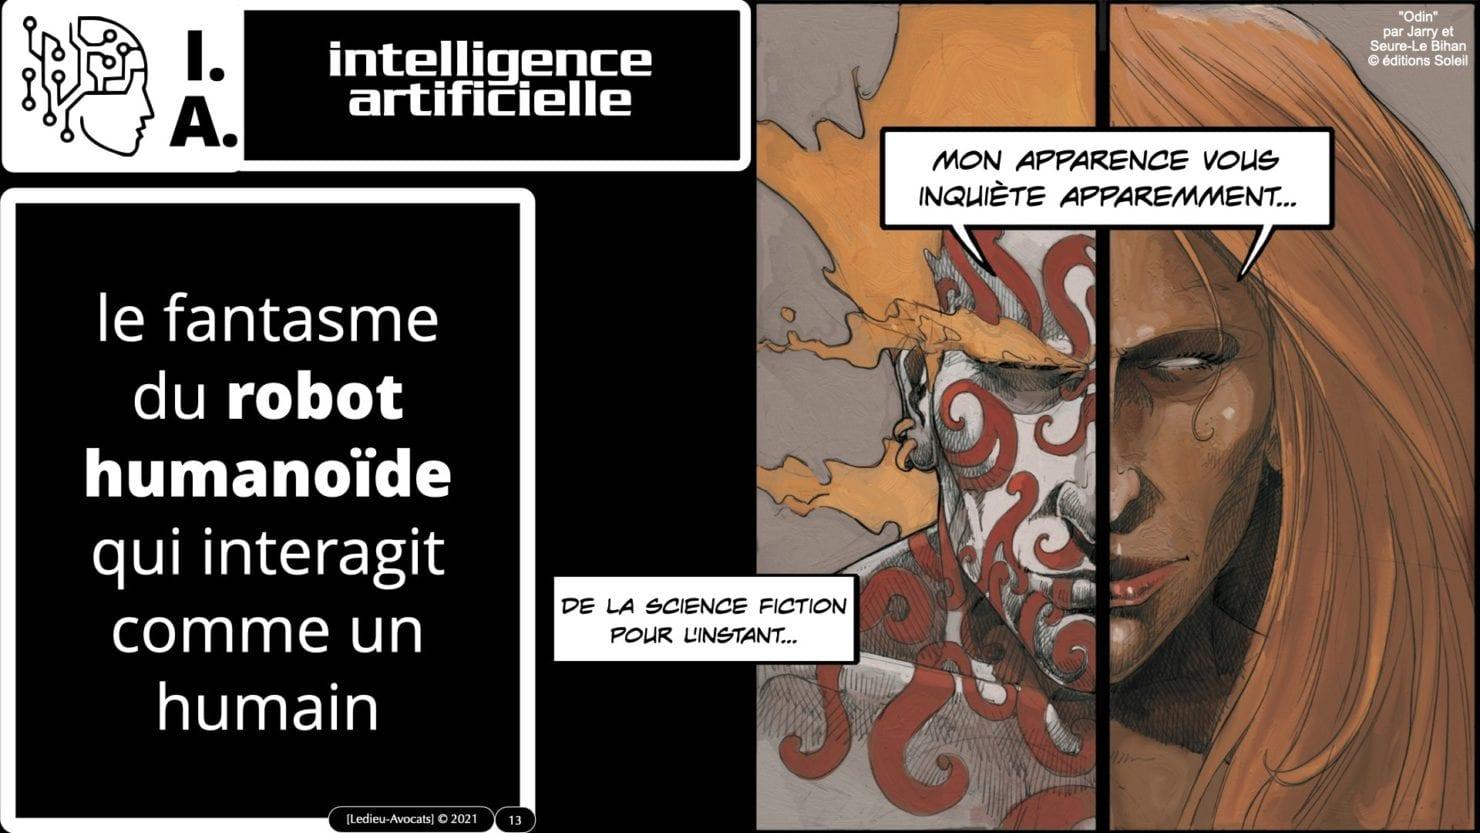 335 Intelligence Artificielle 2021 et AI Act [projet de Règlement UE] deep learning machine learning © Ledieu-Avocats 04-06-2021 *16:9*.013